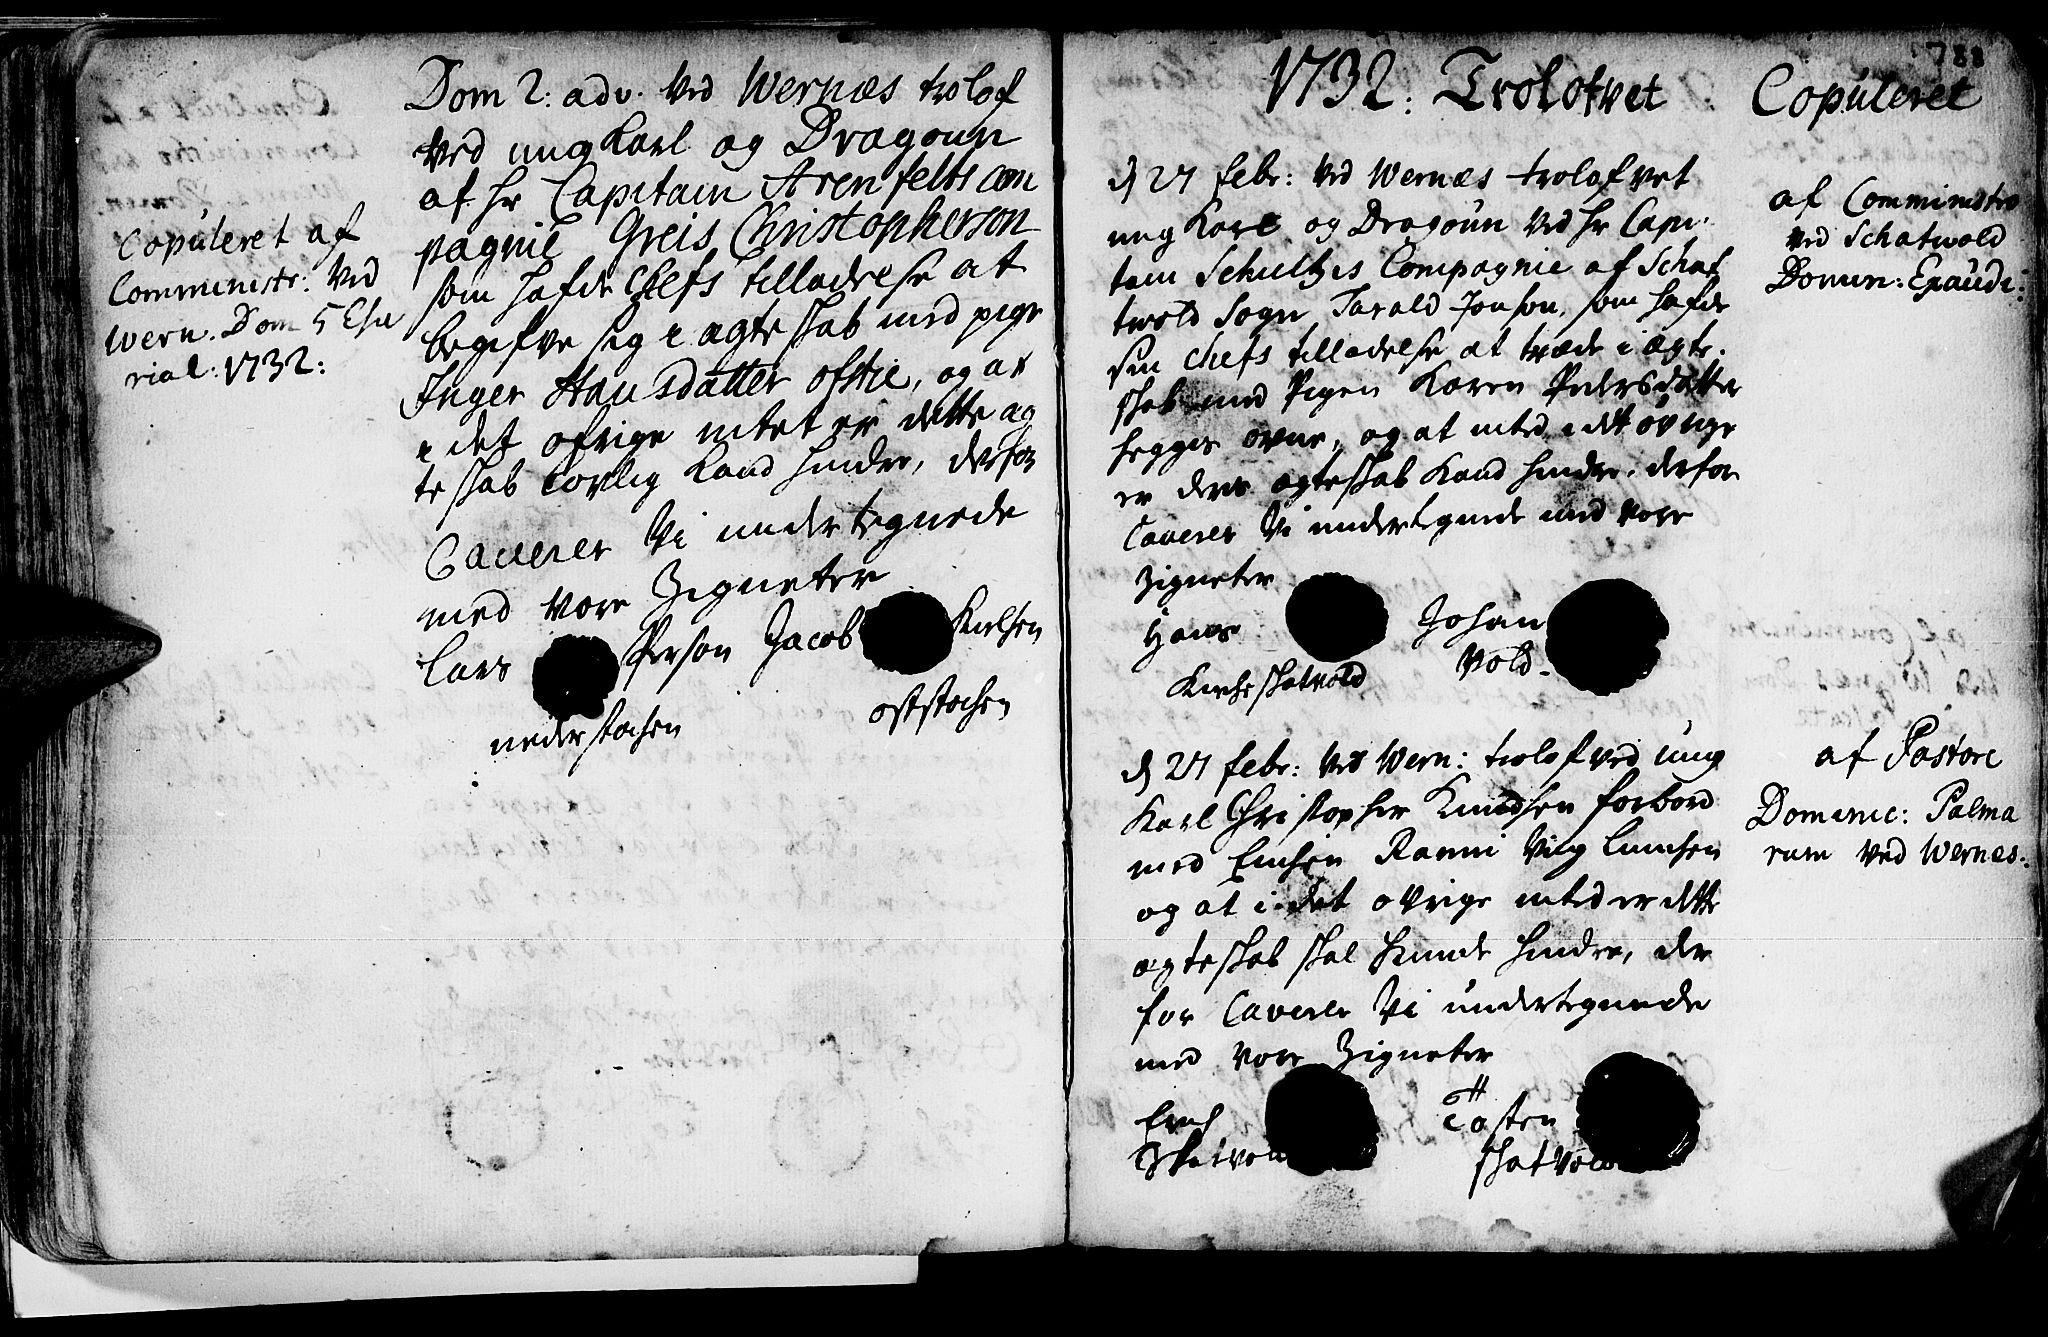 SAT, Ministerialprotokoller, klokkerbøker og fødselsregistre - Nord-Trøndelag, 709/L0055: Ministerialbok nr. 709A03, 1730-1739, s. 787-788